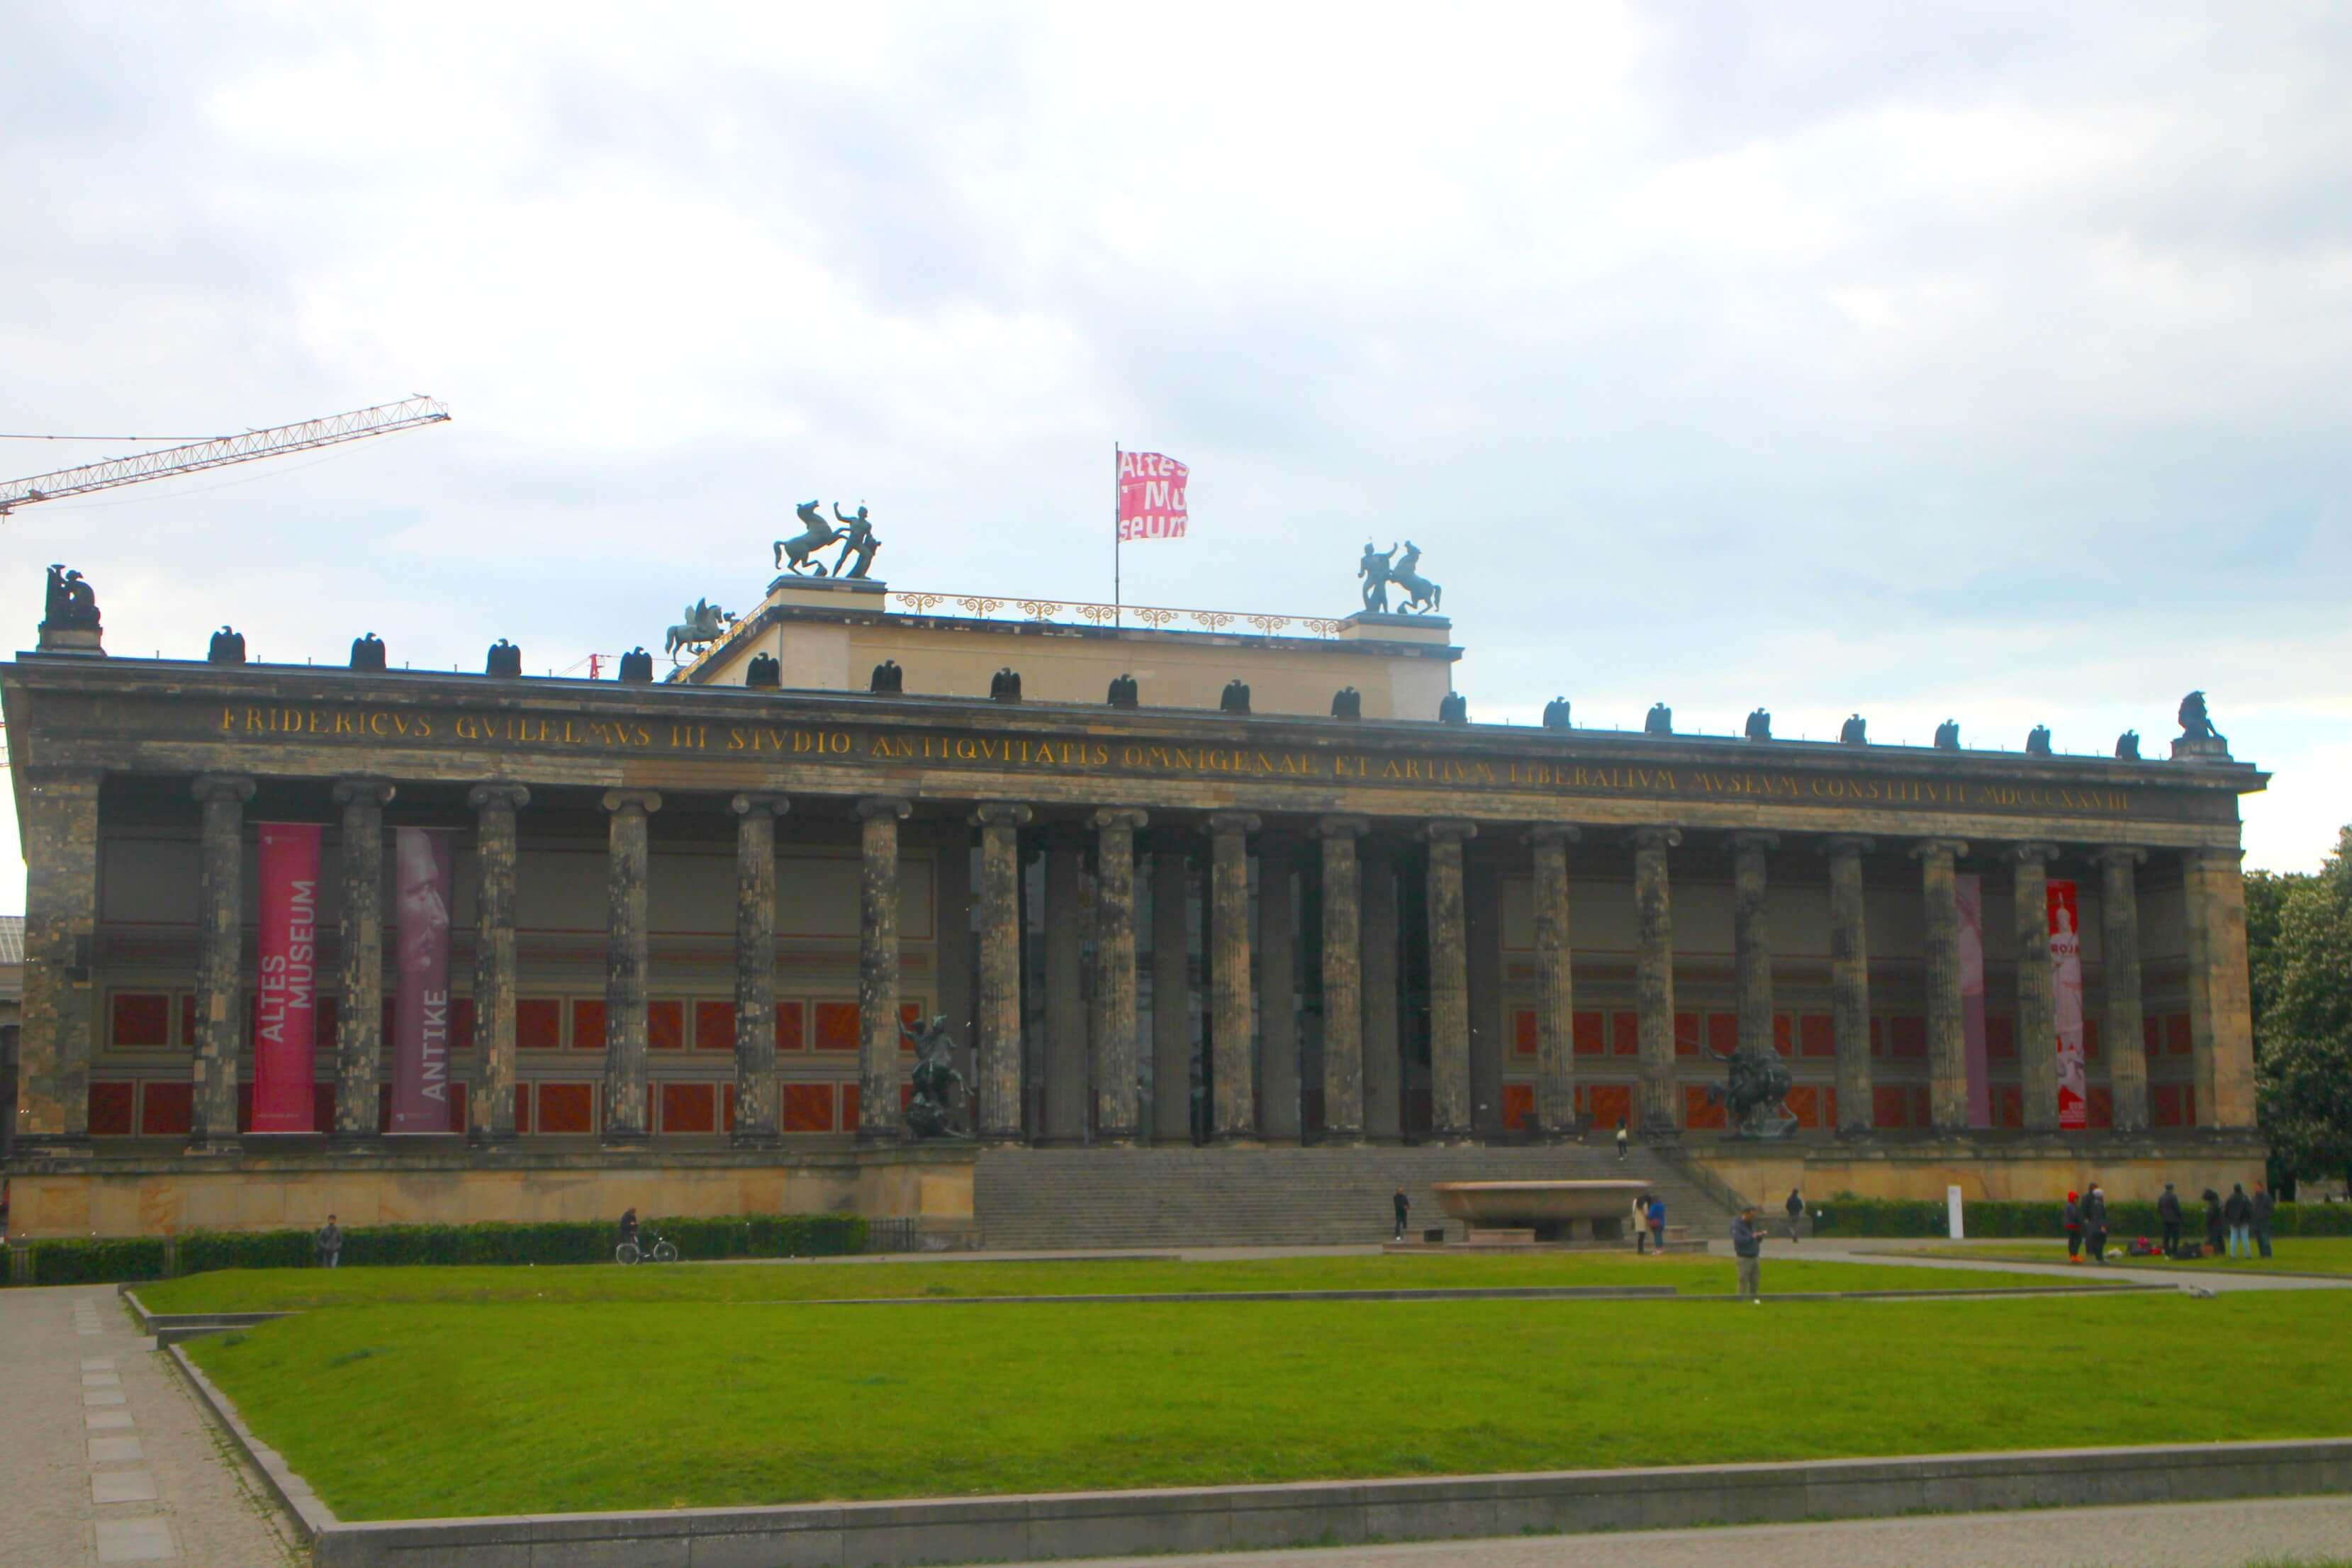 altes-museum-museuminsel